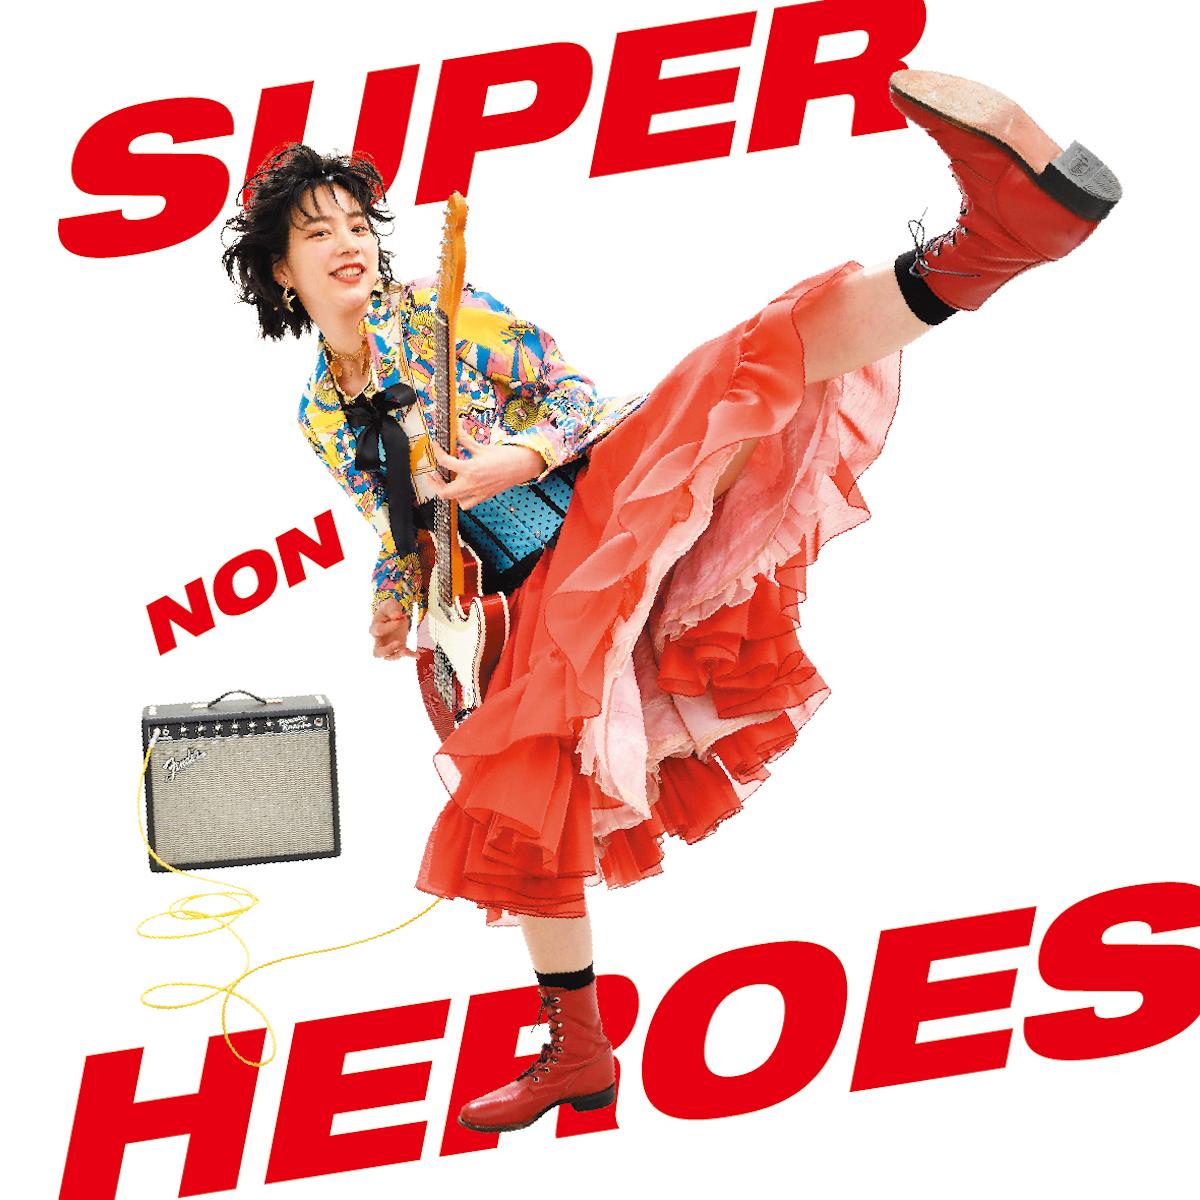 のん、1stアルバム『スーパーヒーローズ』リリース決定!発売前日&個展最終日に初ワンマンライブも決定! music1803226_nondesu_2